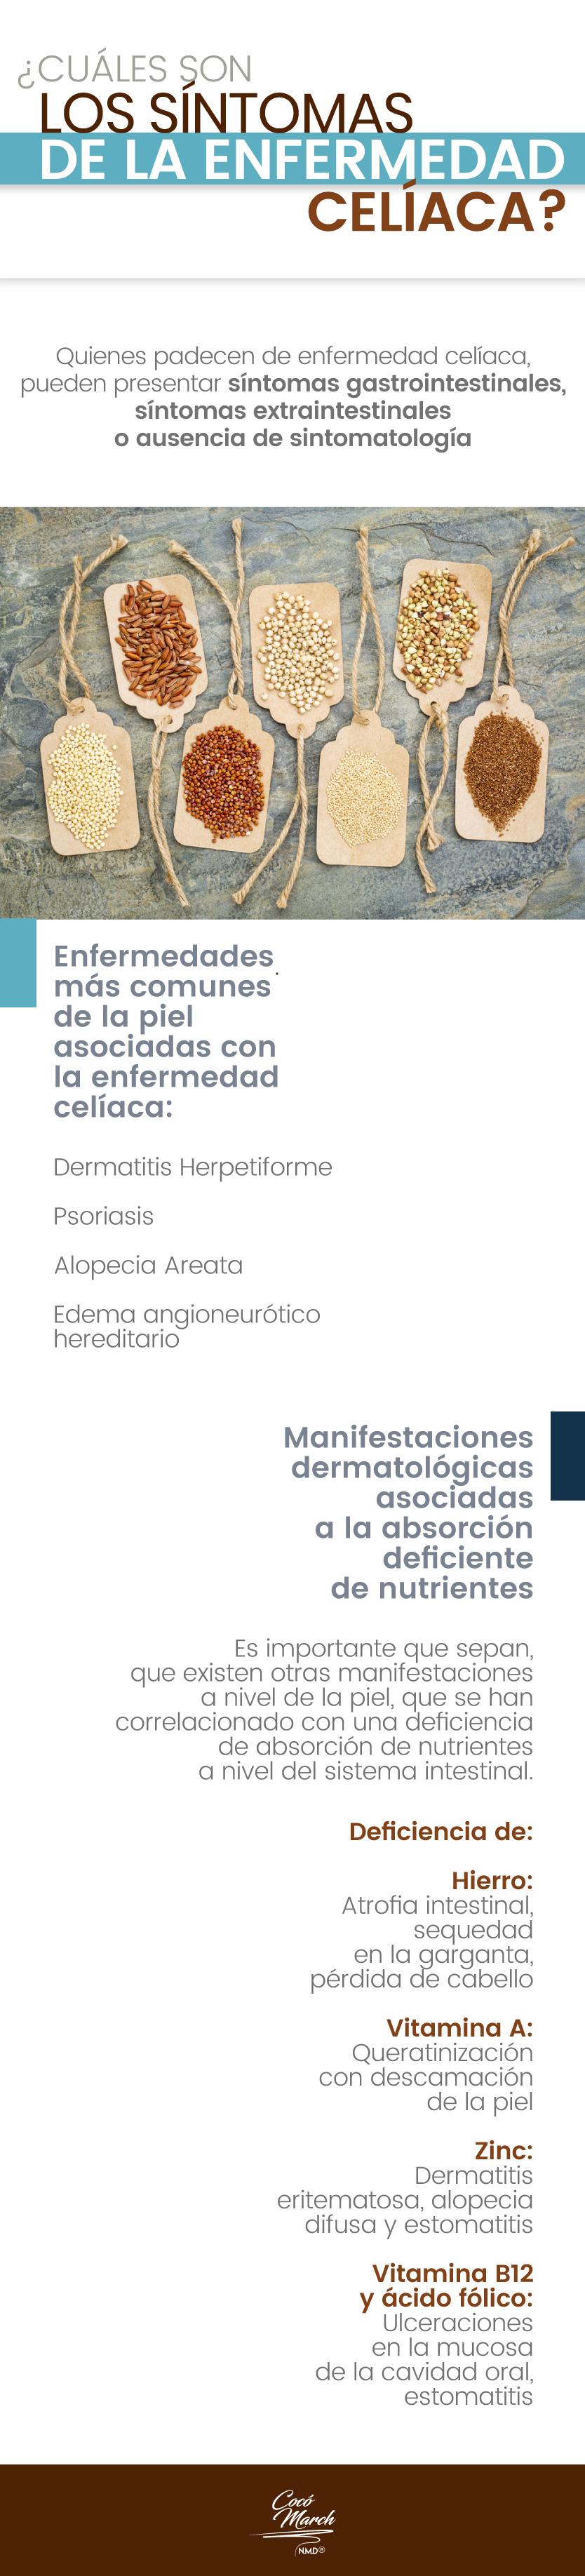 sintomas-de-la-enfermedad-celiaca